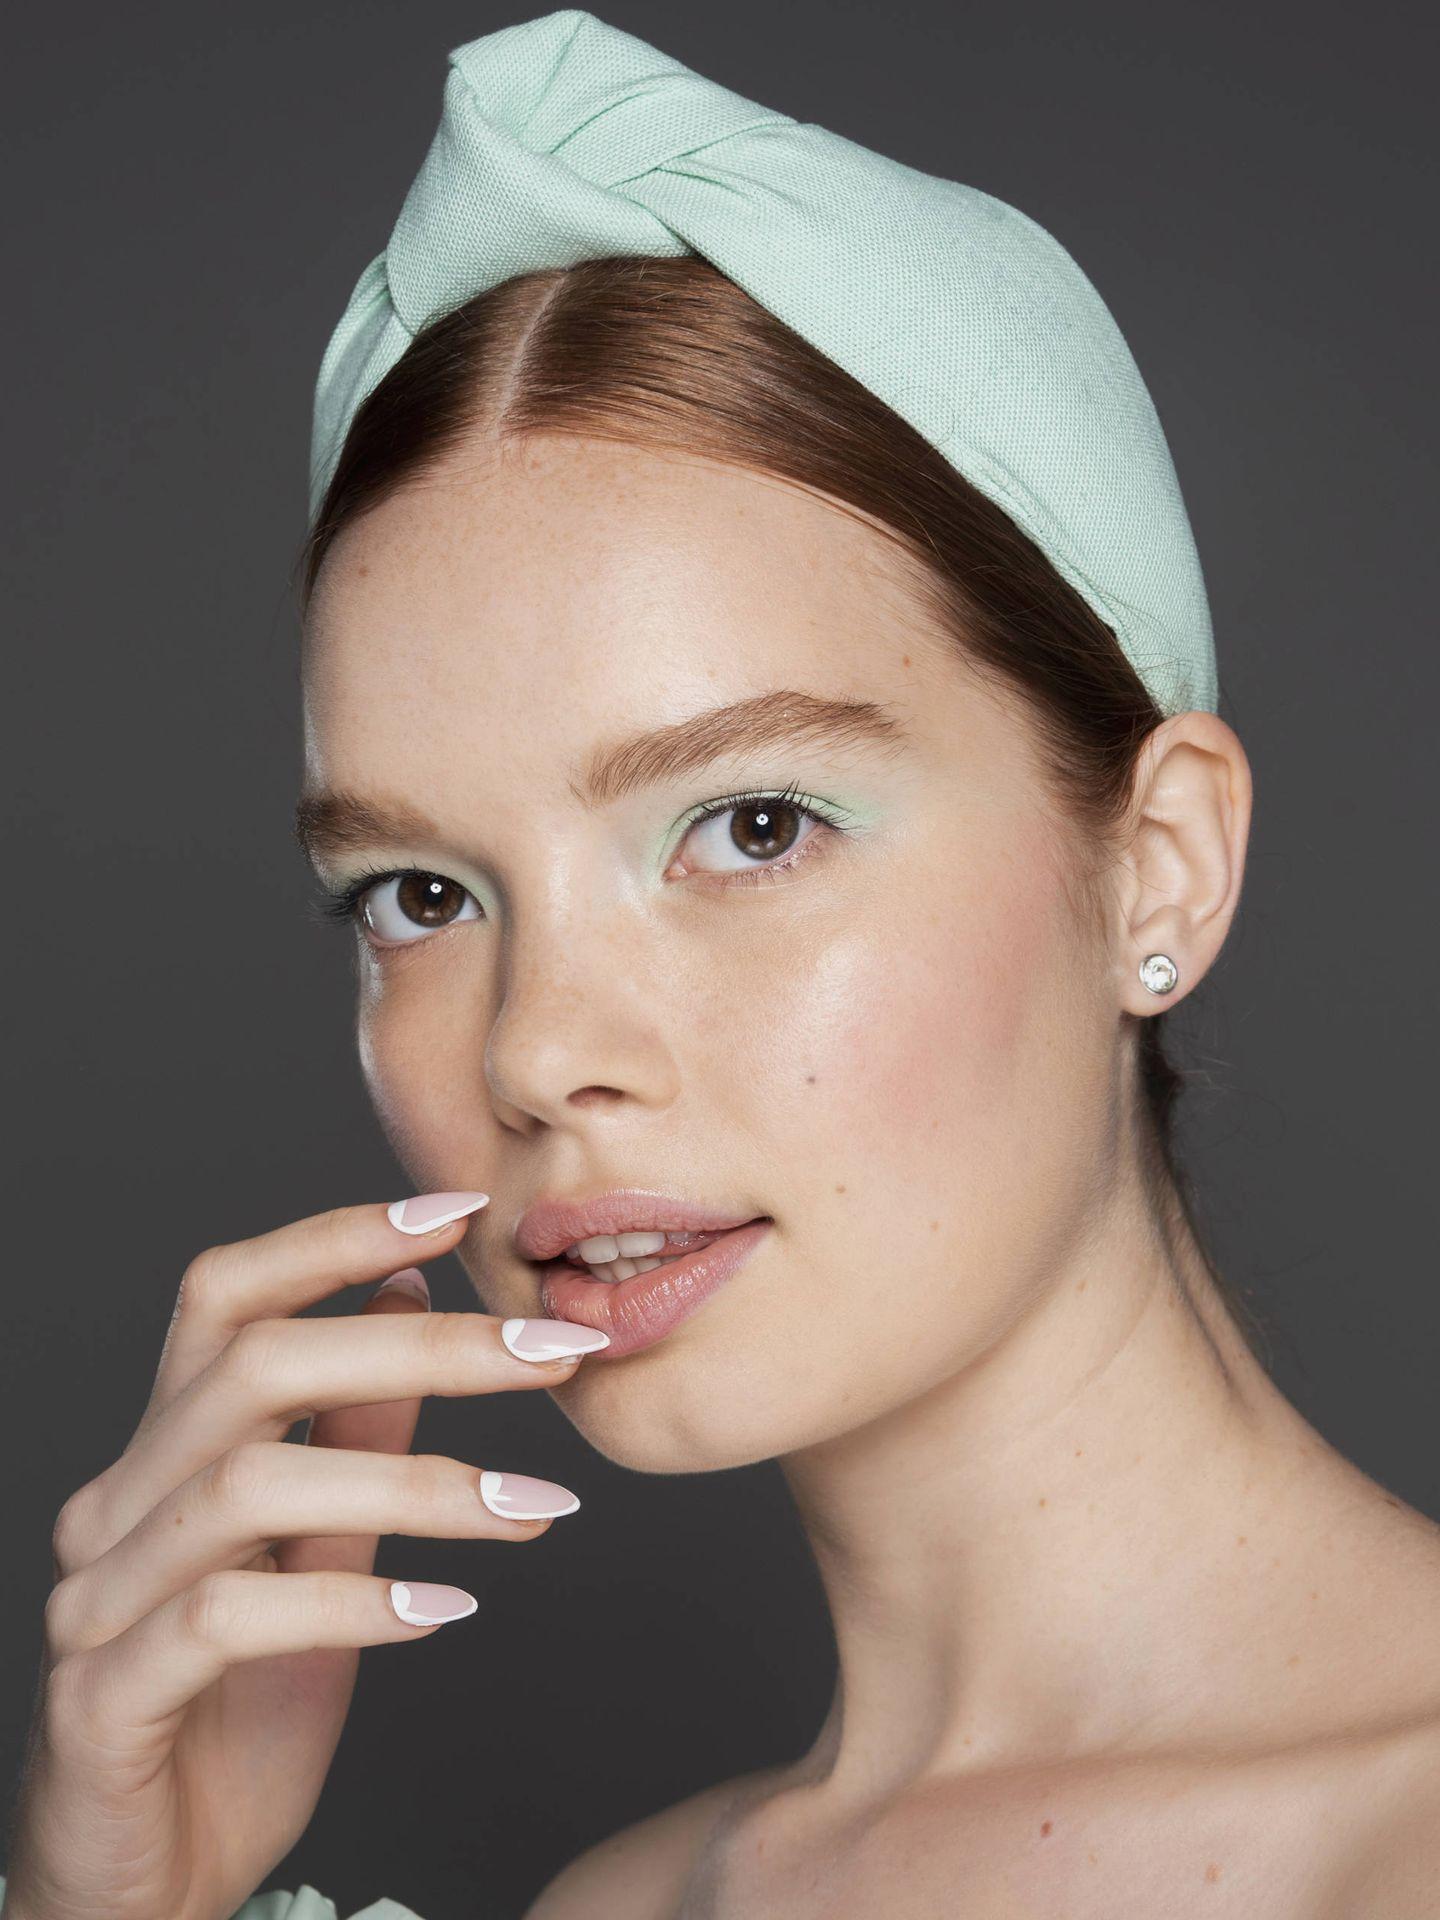 El acabado diluido del maquillaje acuarela se consigue aplicando poca sombra de ojos con un pincel para difuminar. (Imaxtree)